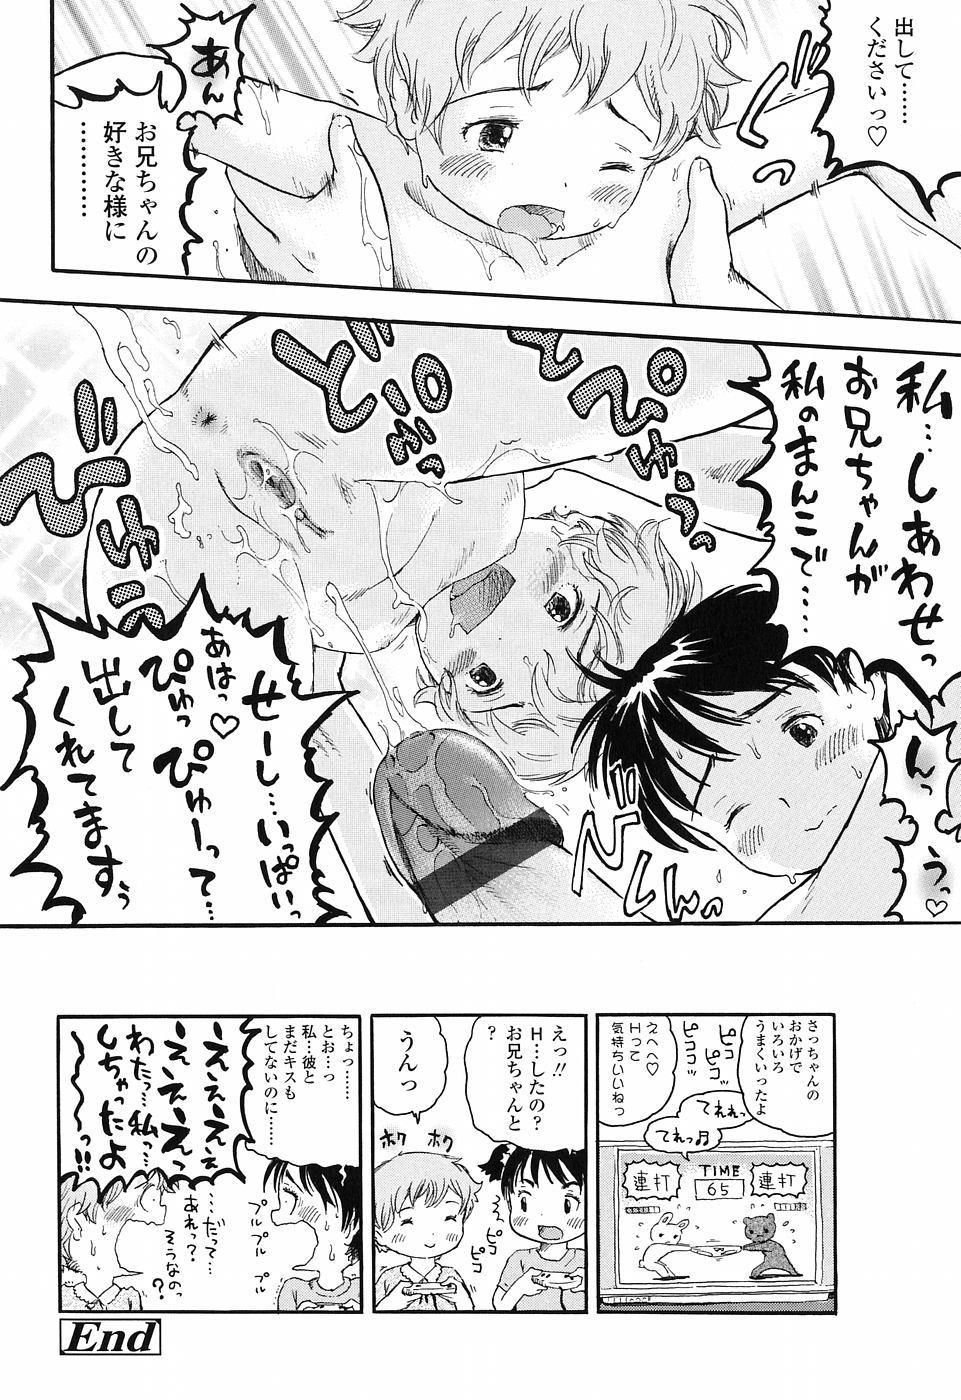 Koisuru Fukurami 195